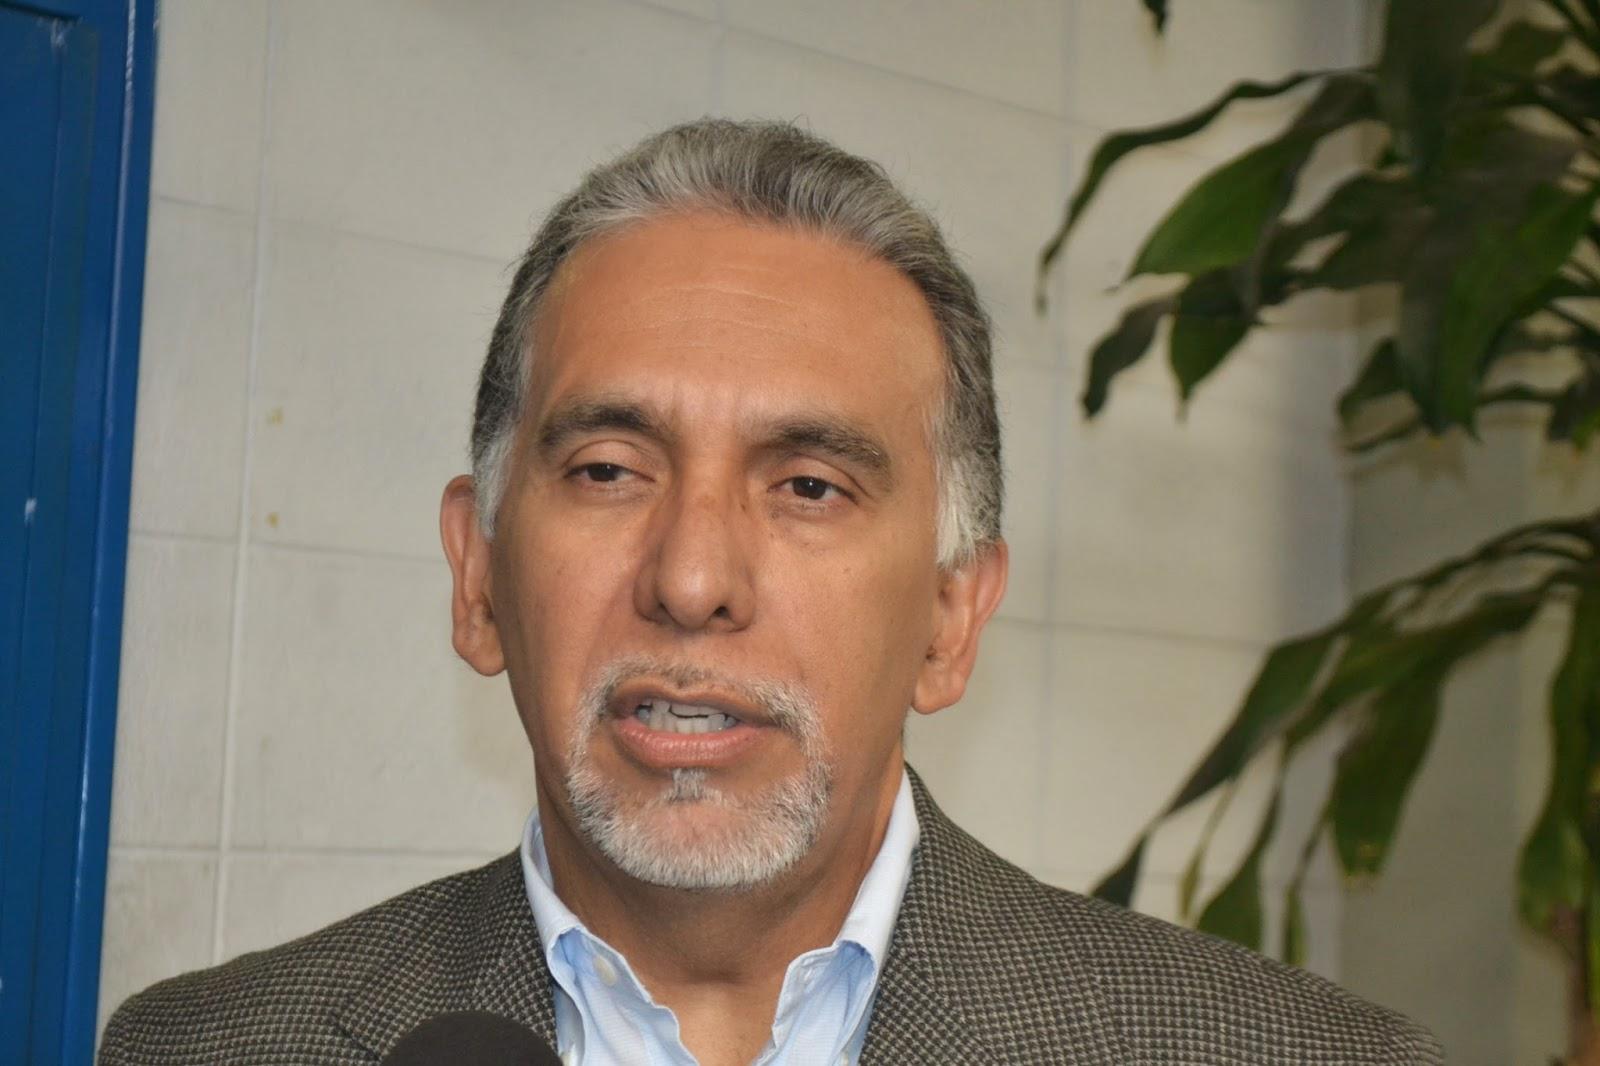 Profesor Víctor García, coordinador Comisión Central de los Cursos Intensivos. (Foto: Cortesía Jesús Rojas)